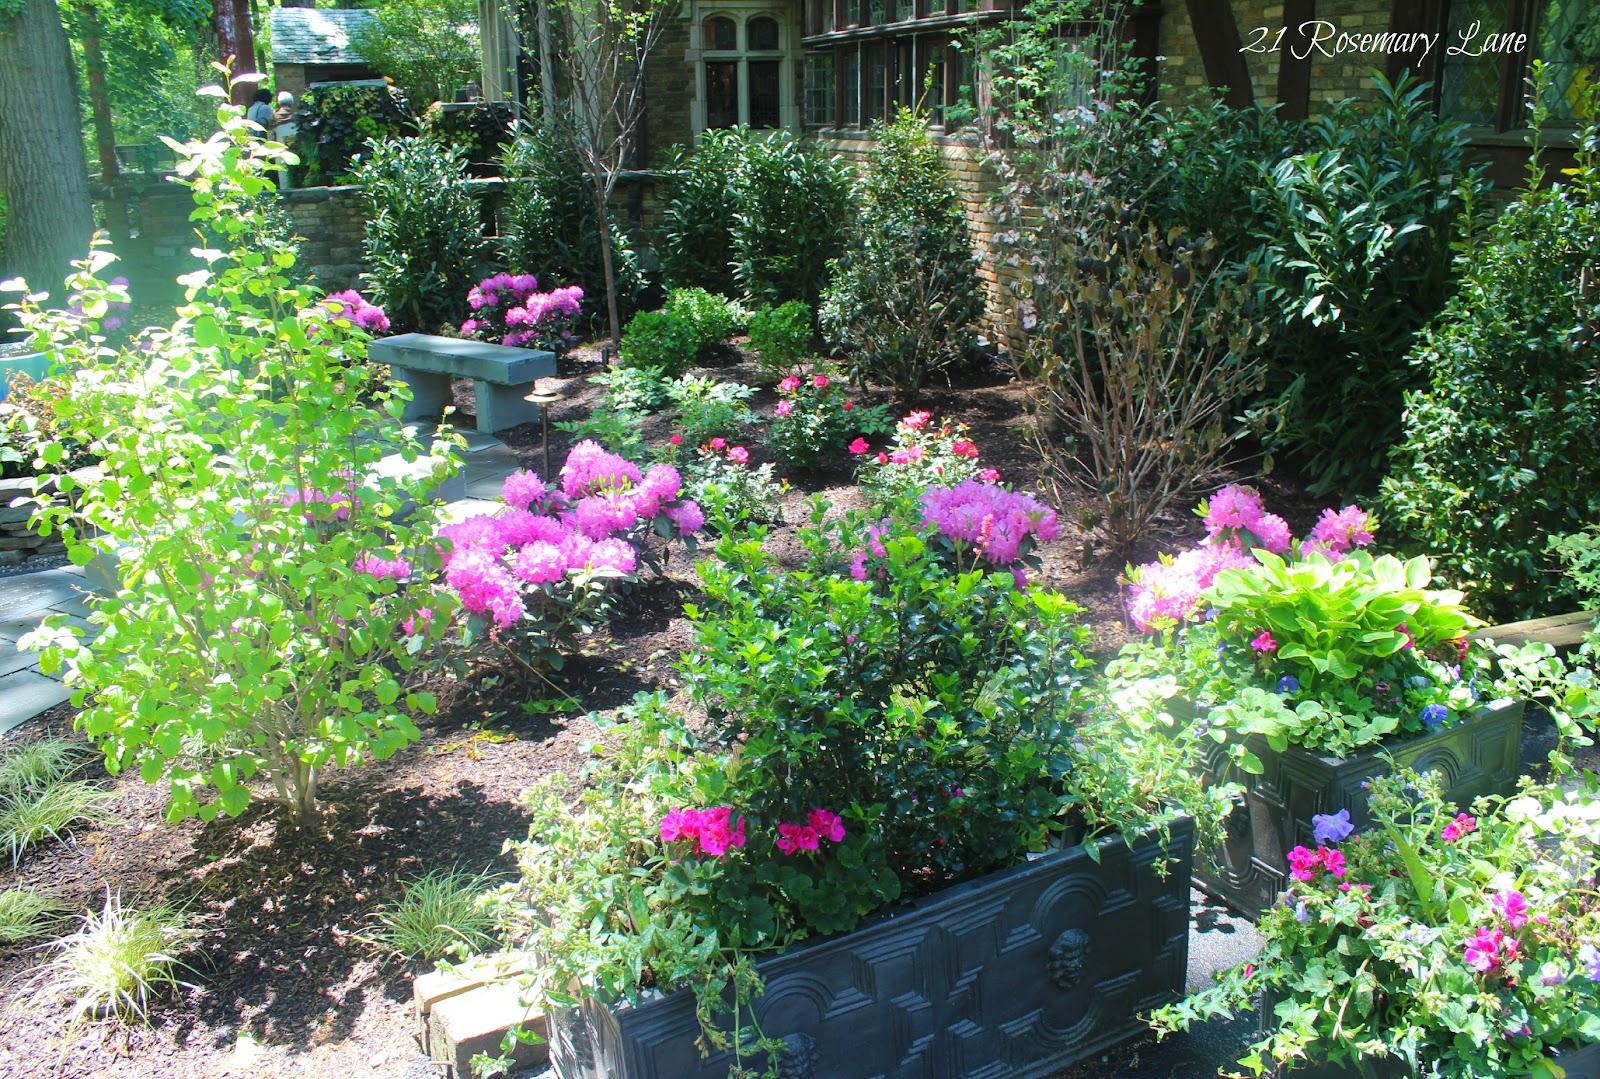 21 Rosemary Lane: Mansion Garden Tour ~ Glynallyn Castle